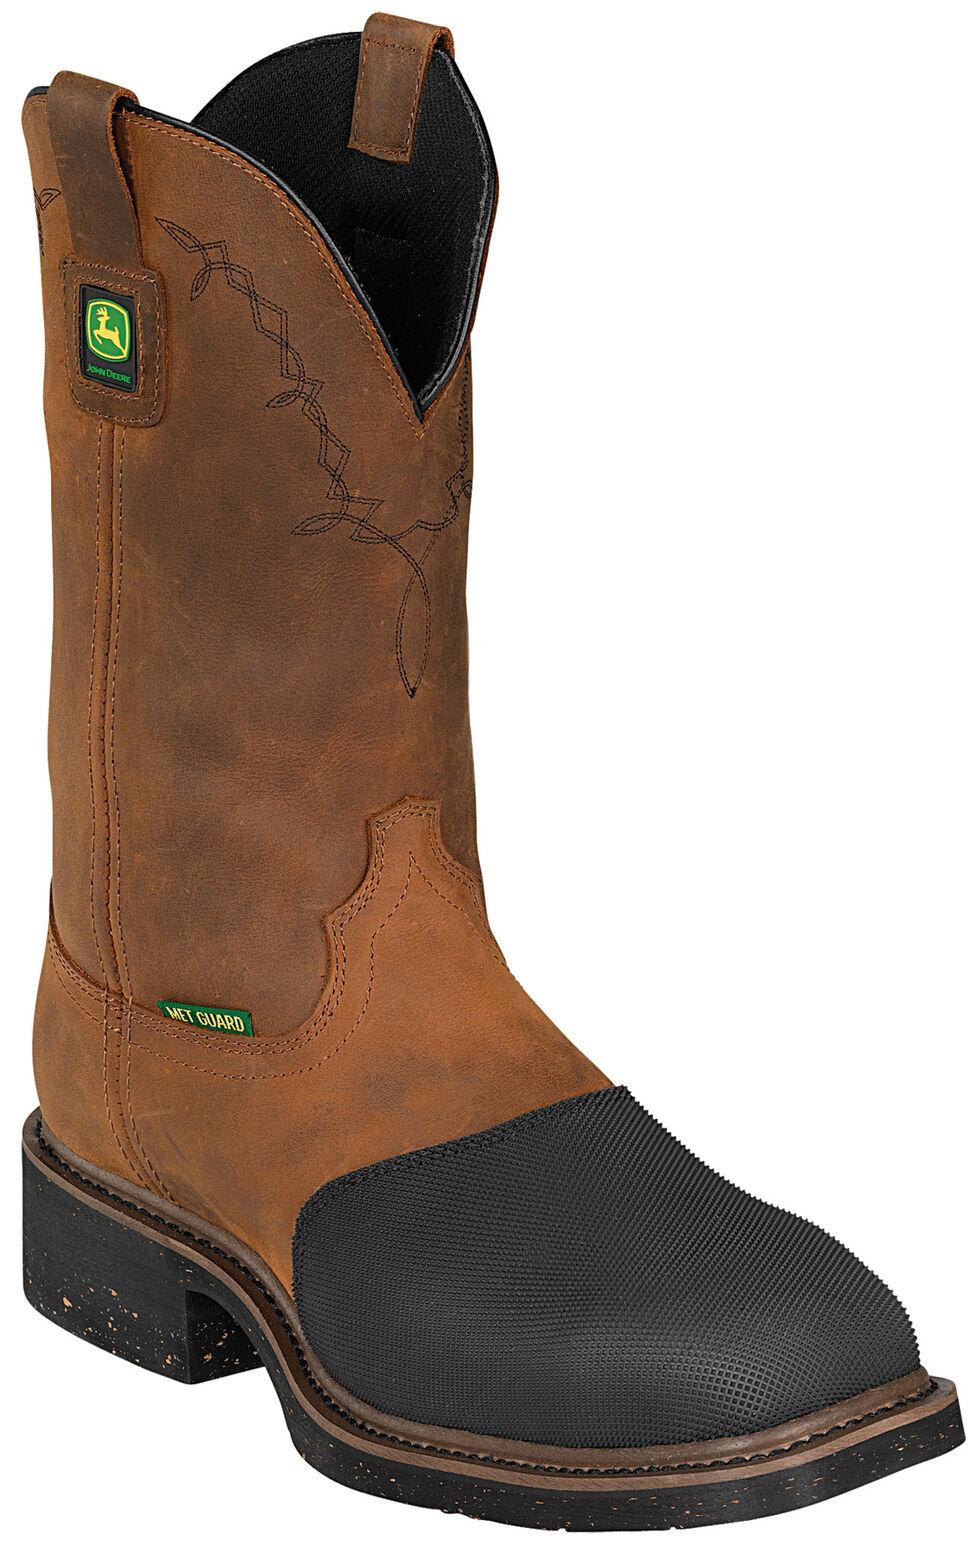 John Deere Men's Fire-Resistant Western Work Boots - Steel Toe, Bark, hi-res